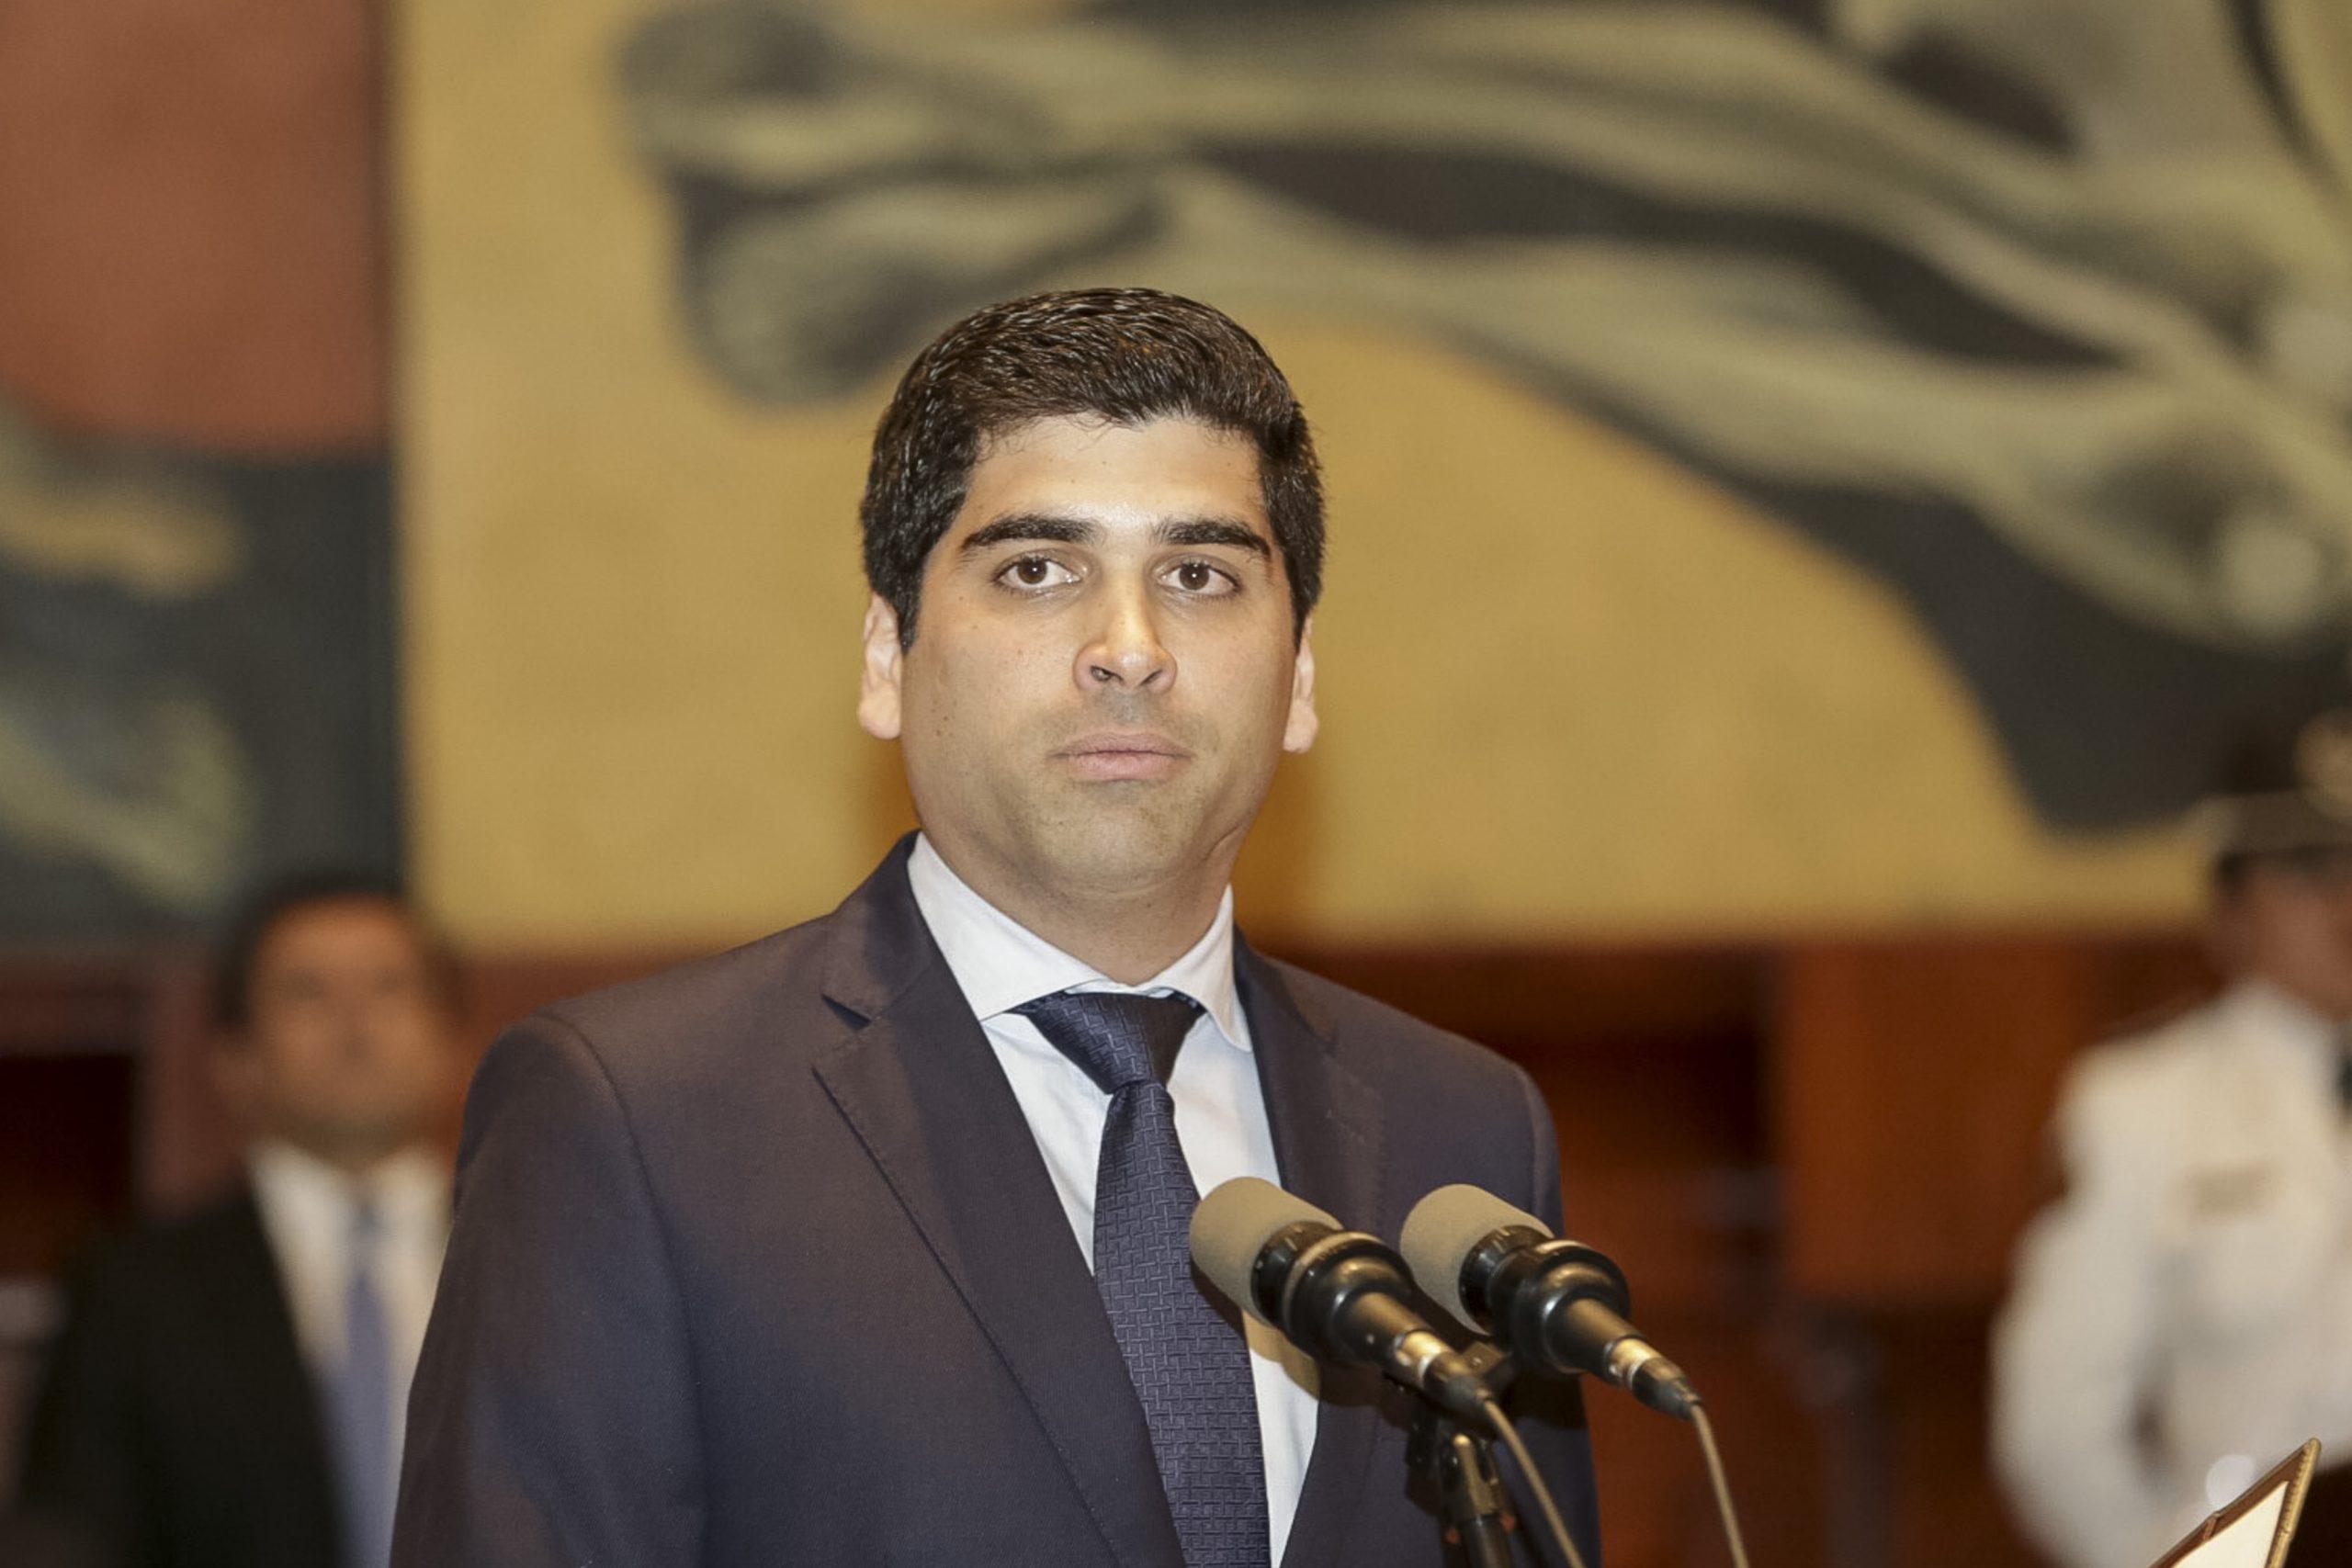 Vicepresidente ecuatoriano Otto Sonnenholzner renuncia para «luchar contra la corrupción»